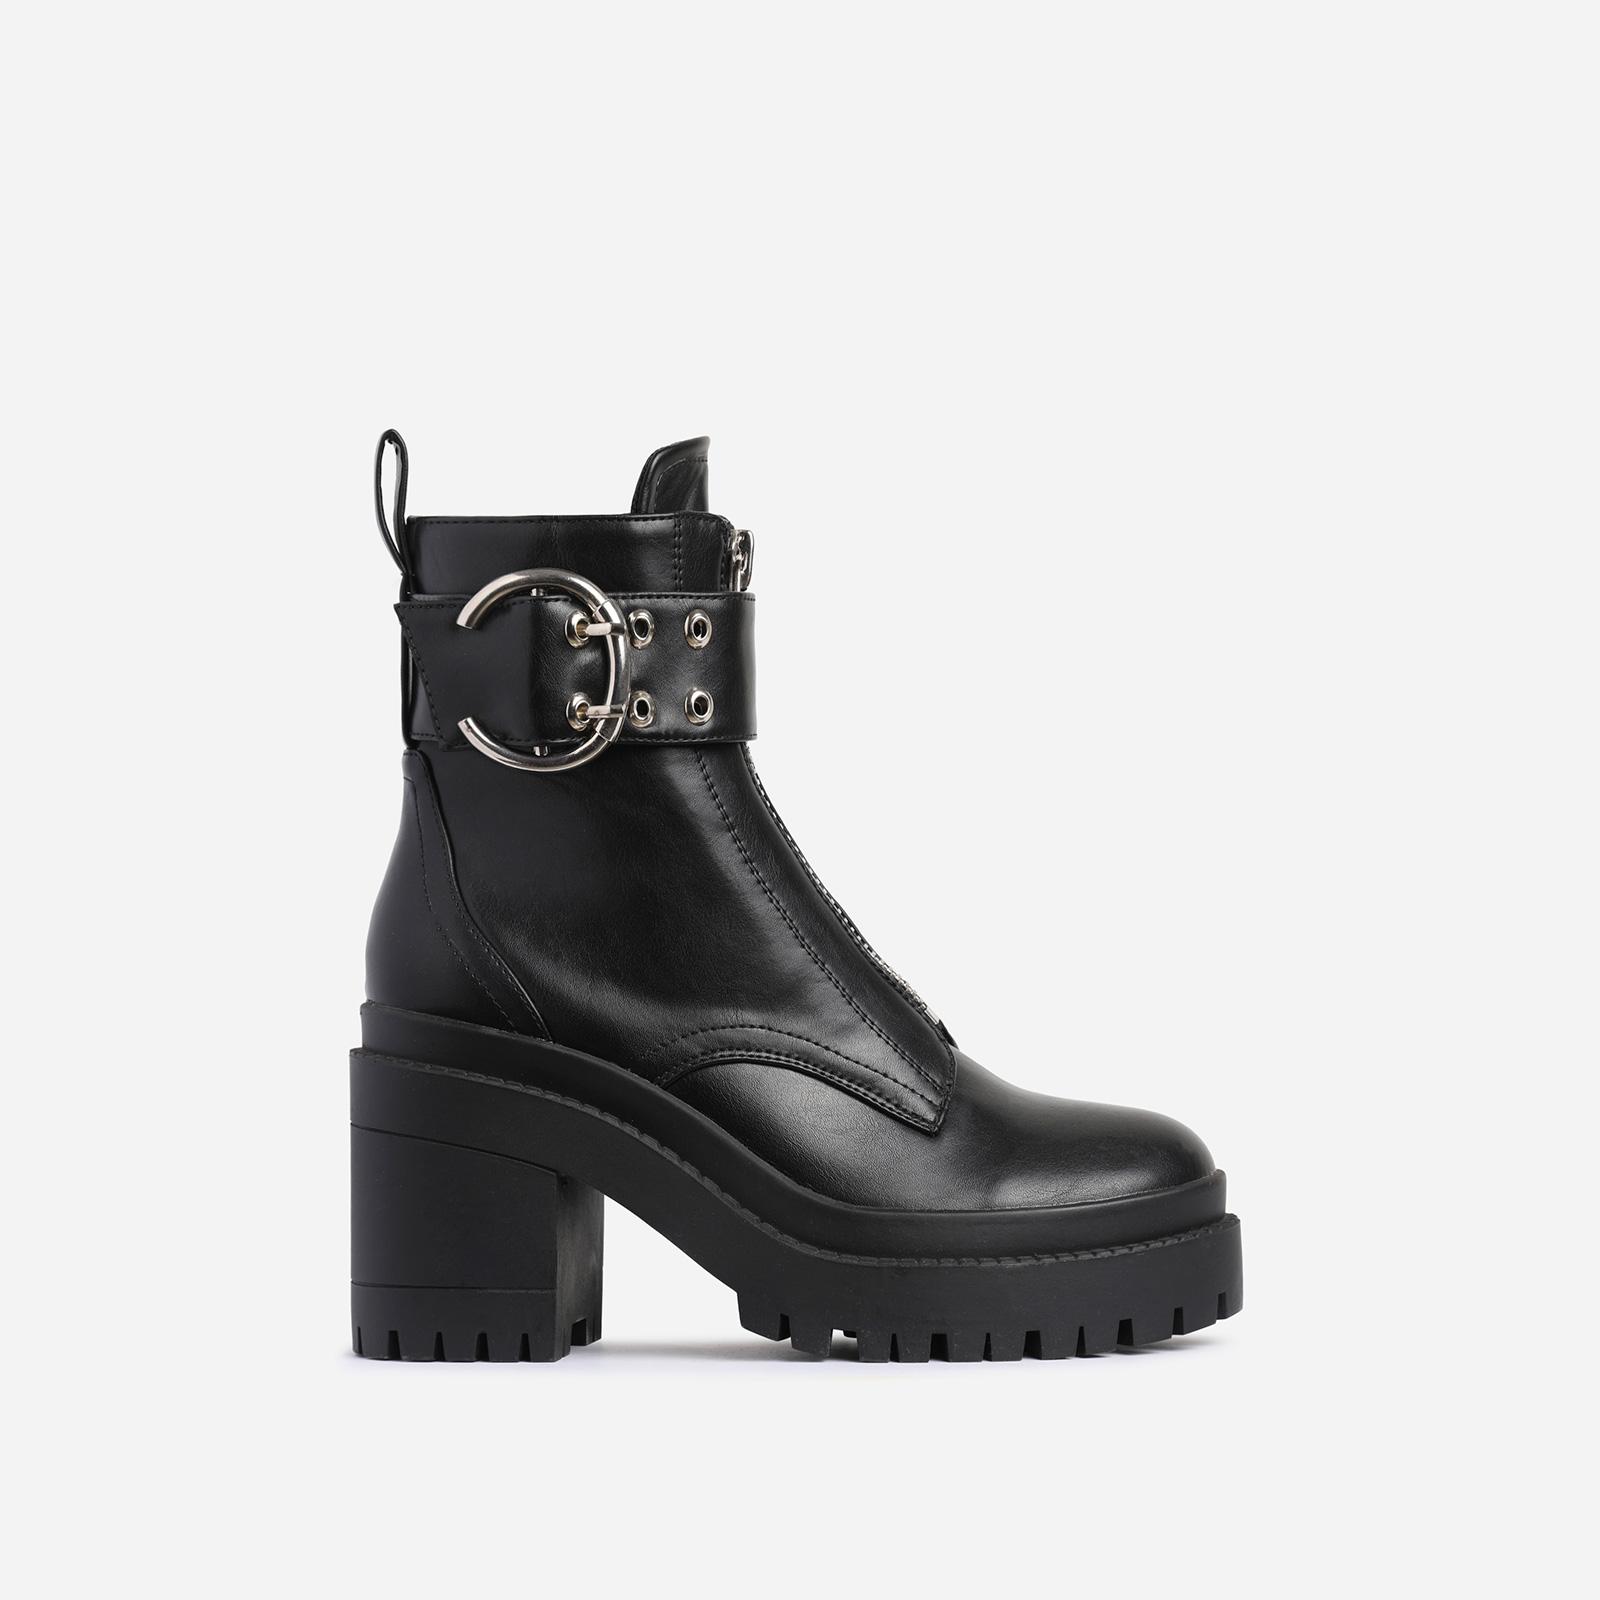 Playhouse Buckle Zip Detail Block Heel Ankle Biker Boot In Black Faux Leather